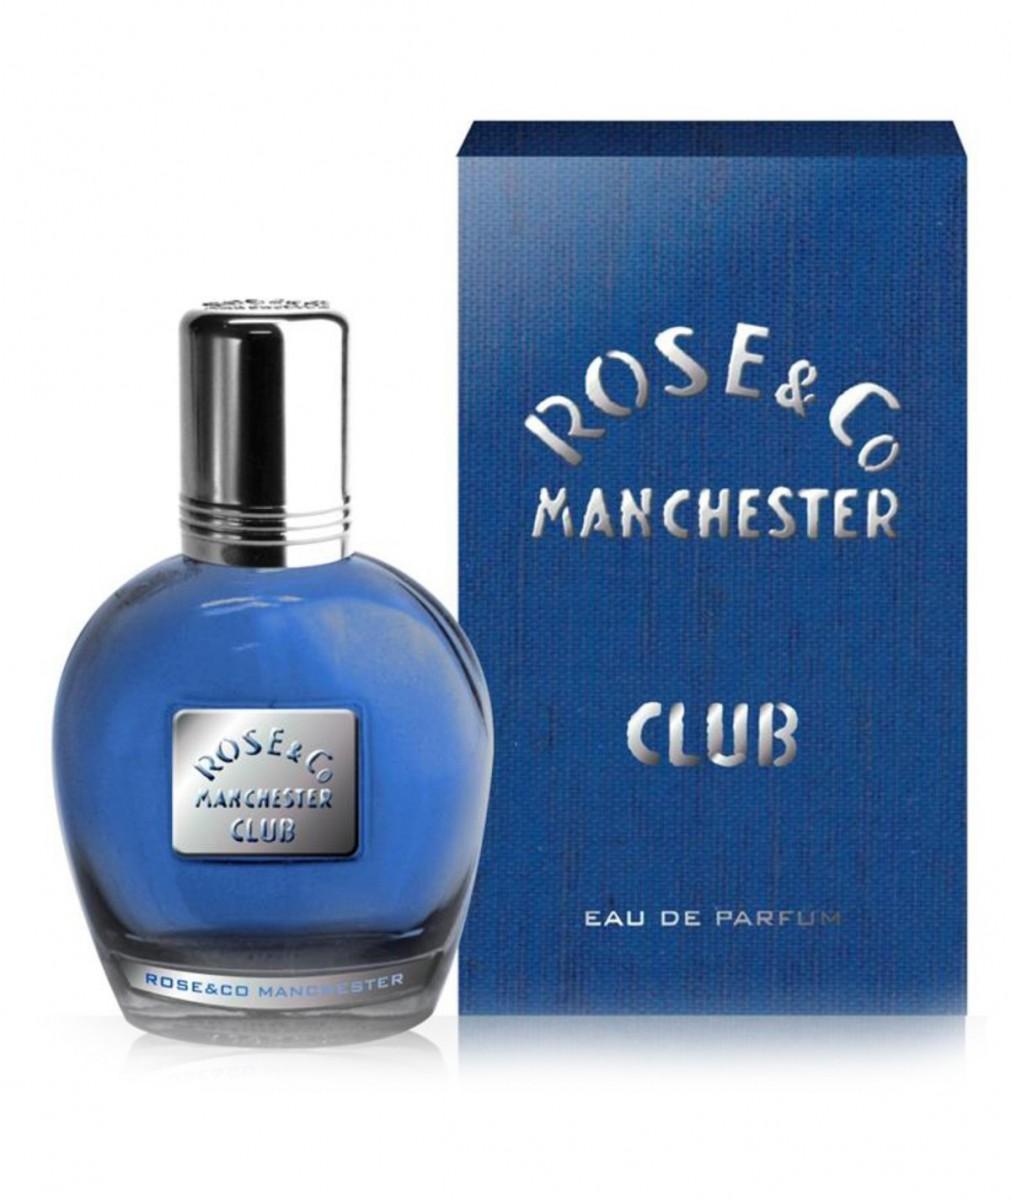 ROSE & Co Manchester CLUB Eau De Parfum Natural Vapo 100ml